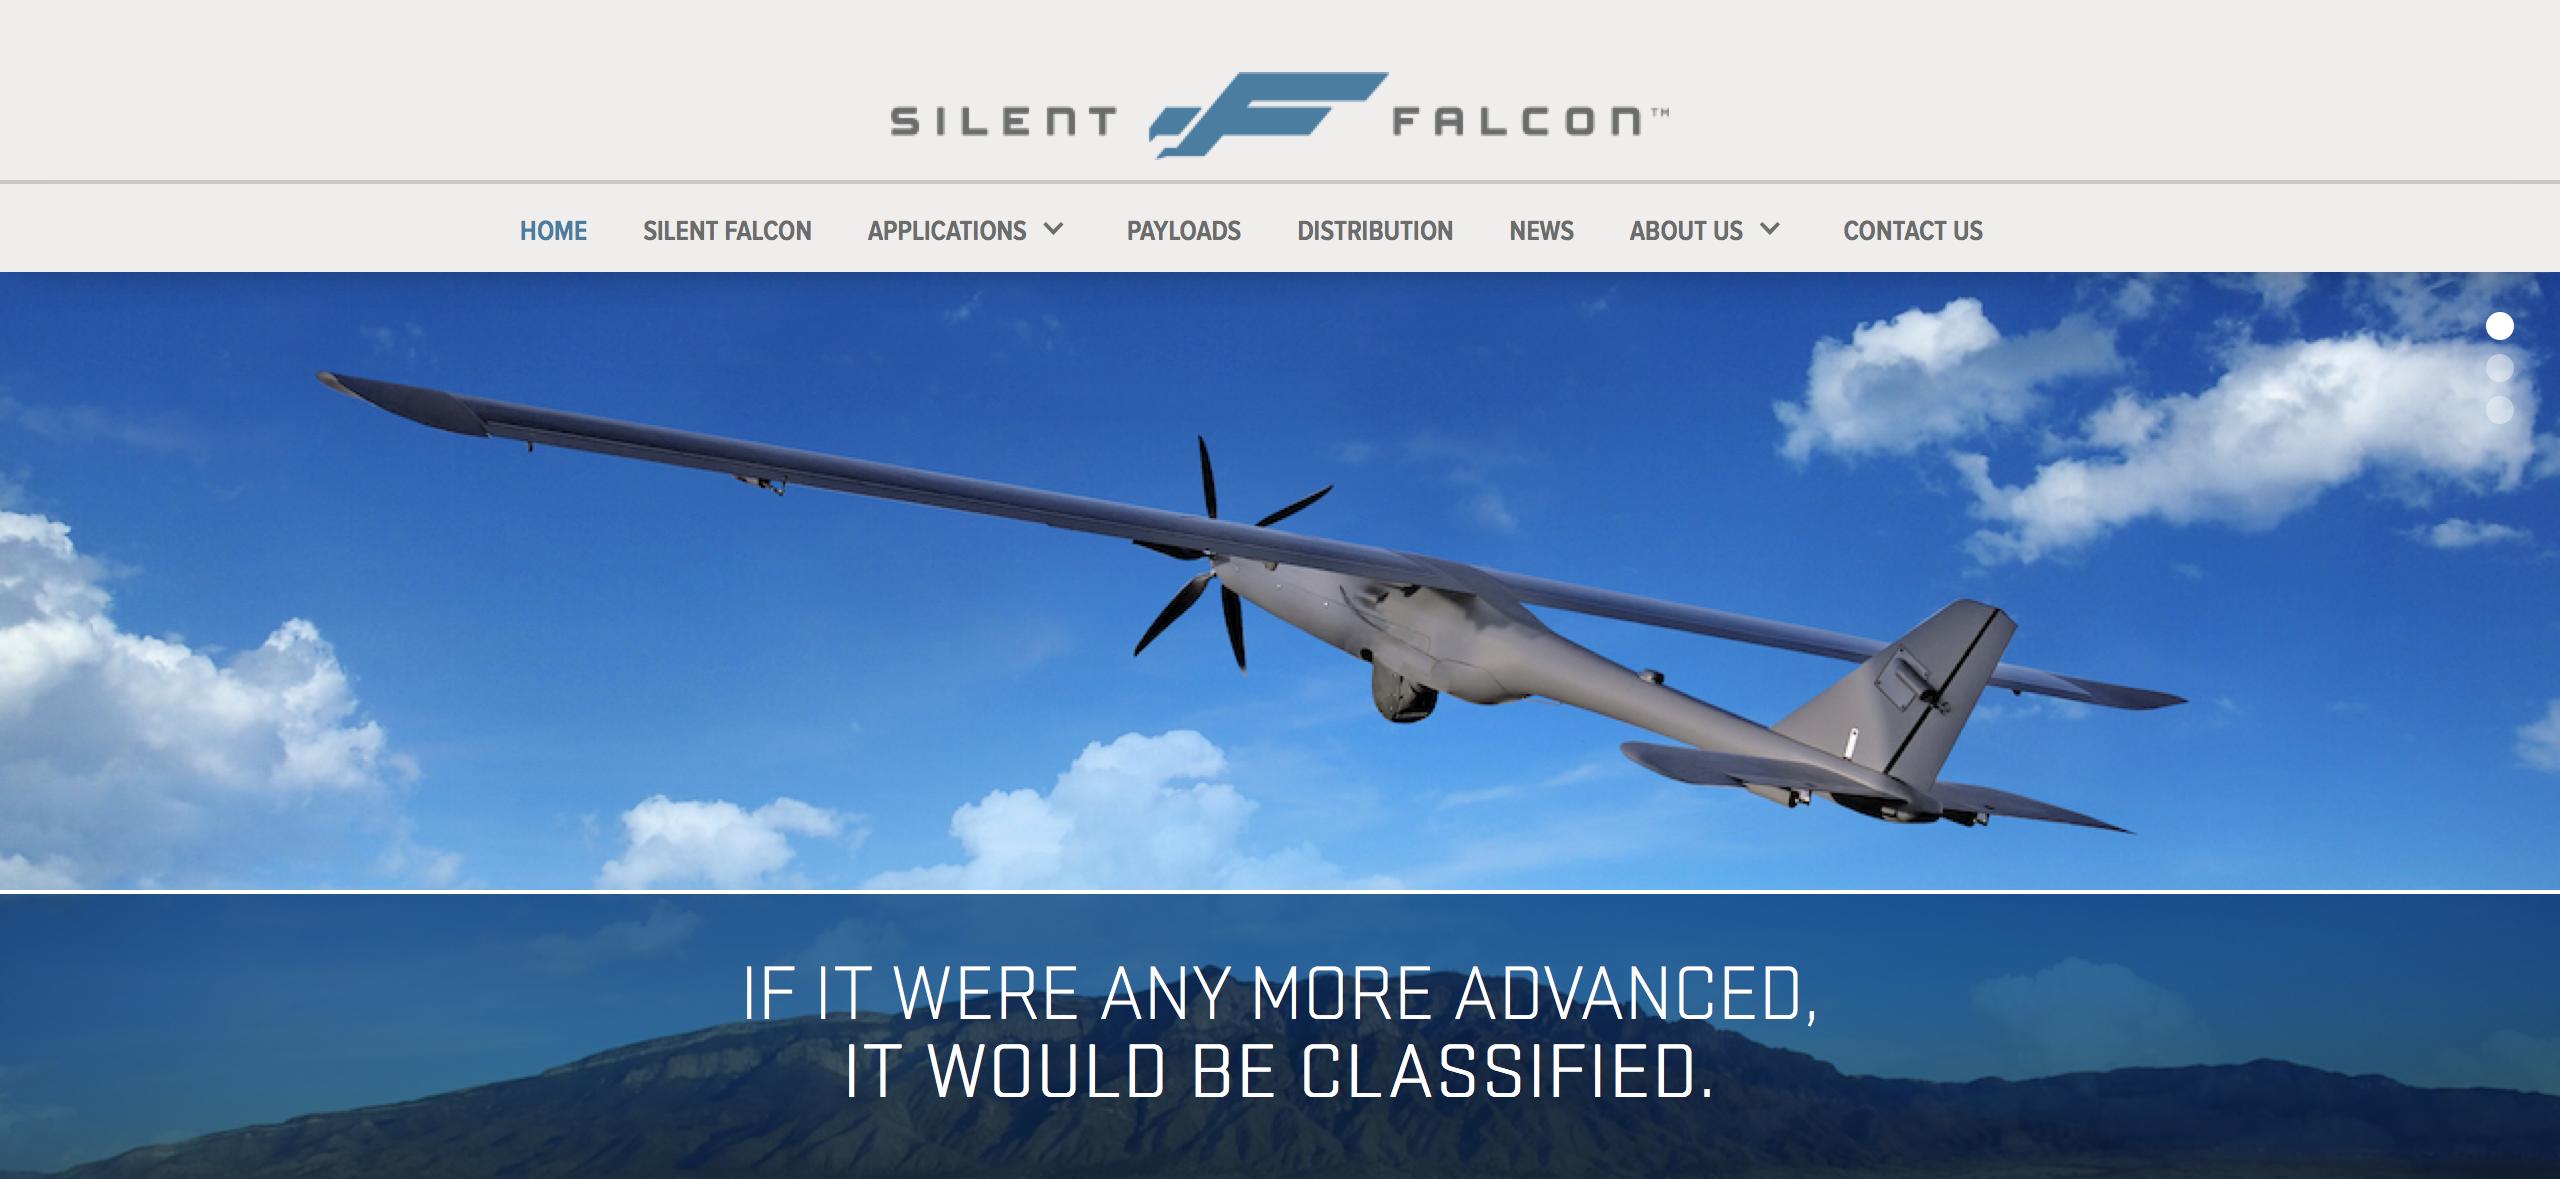 SilentFalconUAS.com